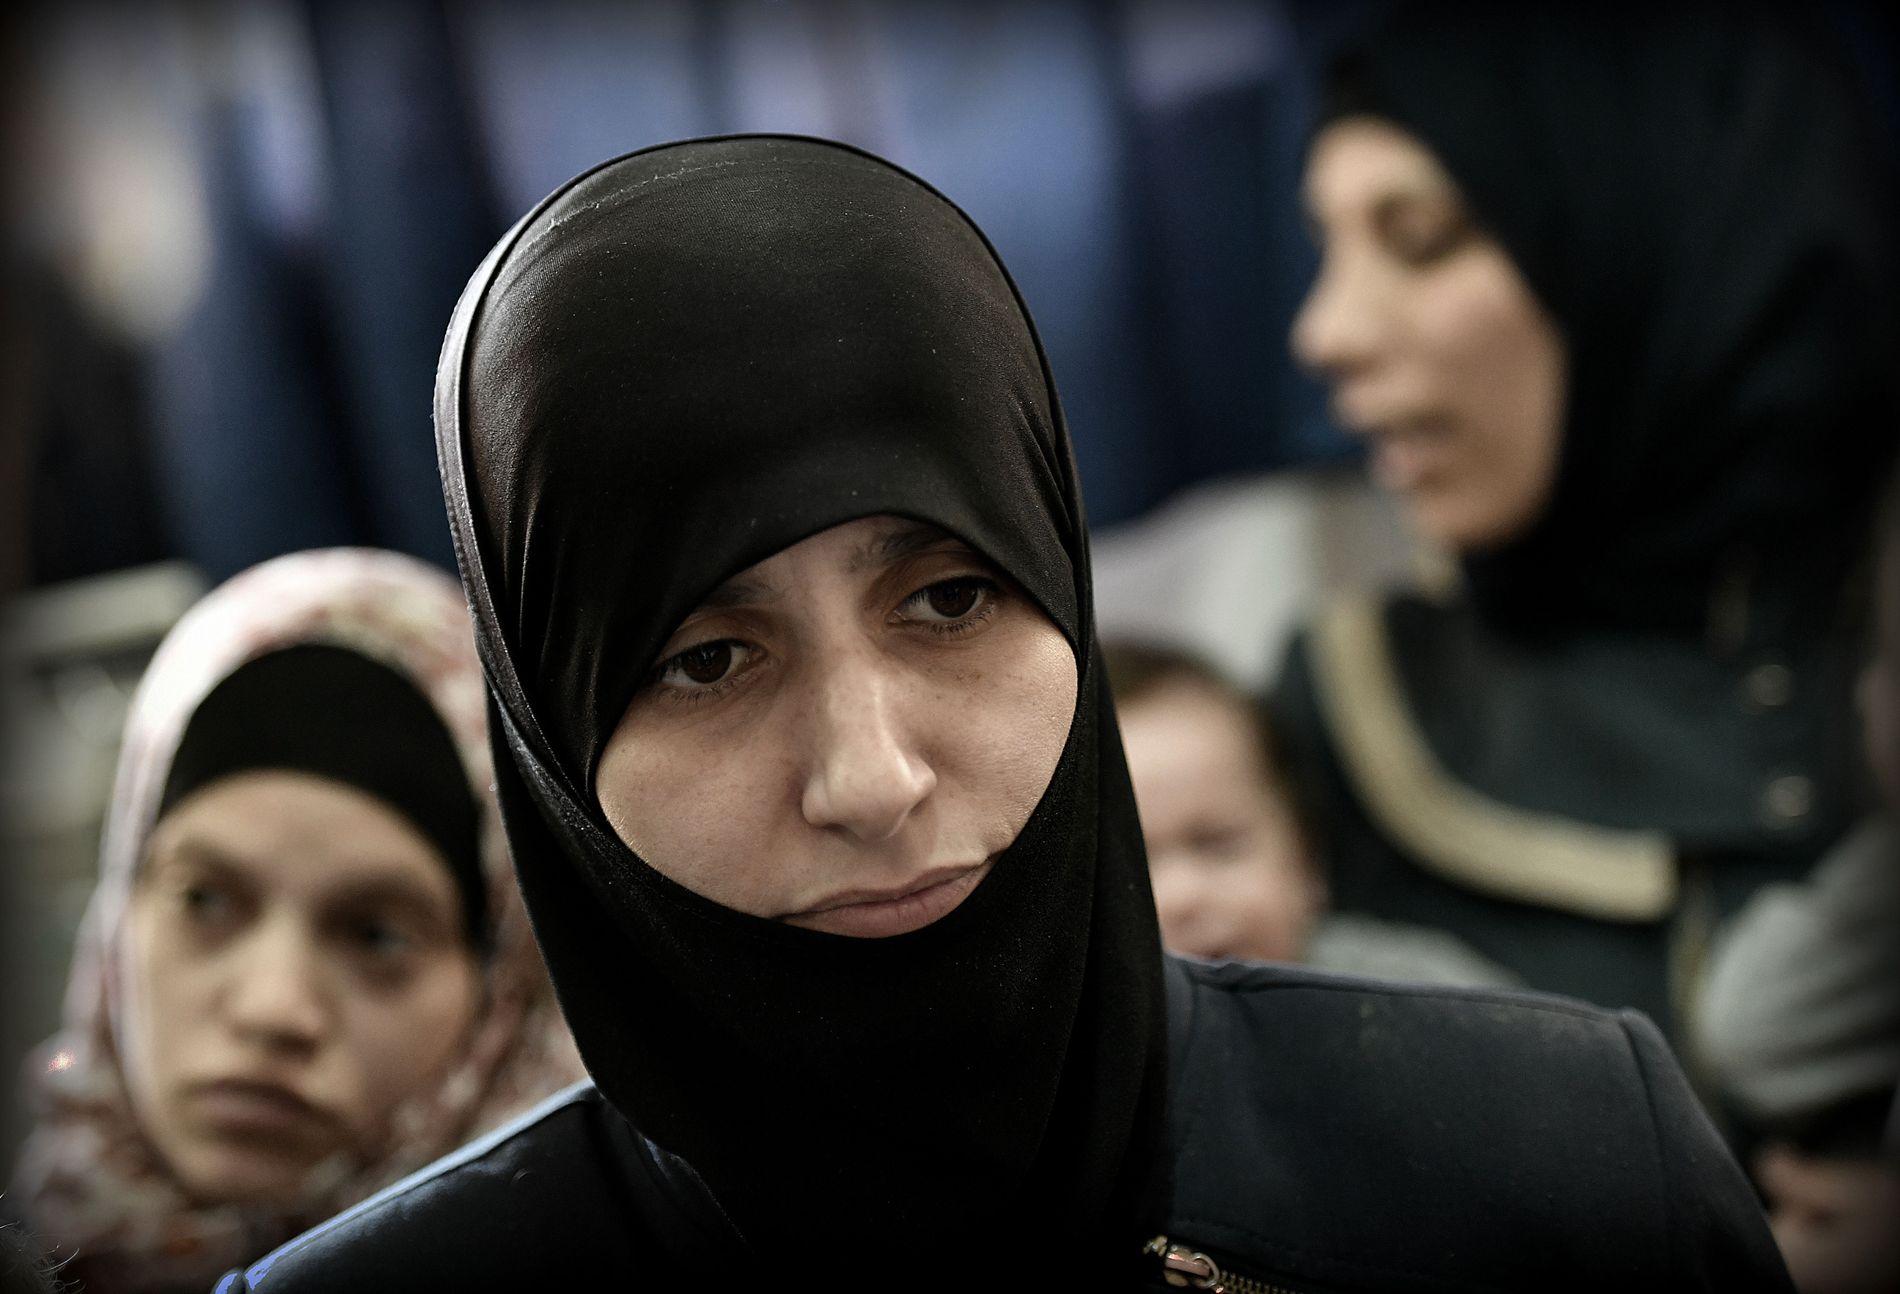 ÉN KVINNES BESKJED: Ekram Hamed (39) ber VG om å formidle at innbyggerne i Øst-Ghouta må reddes.